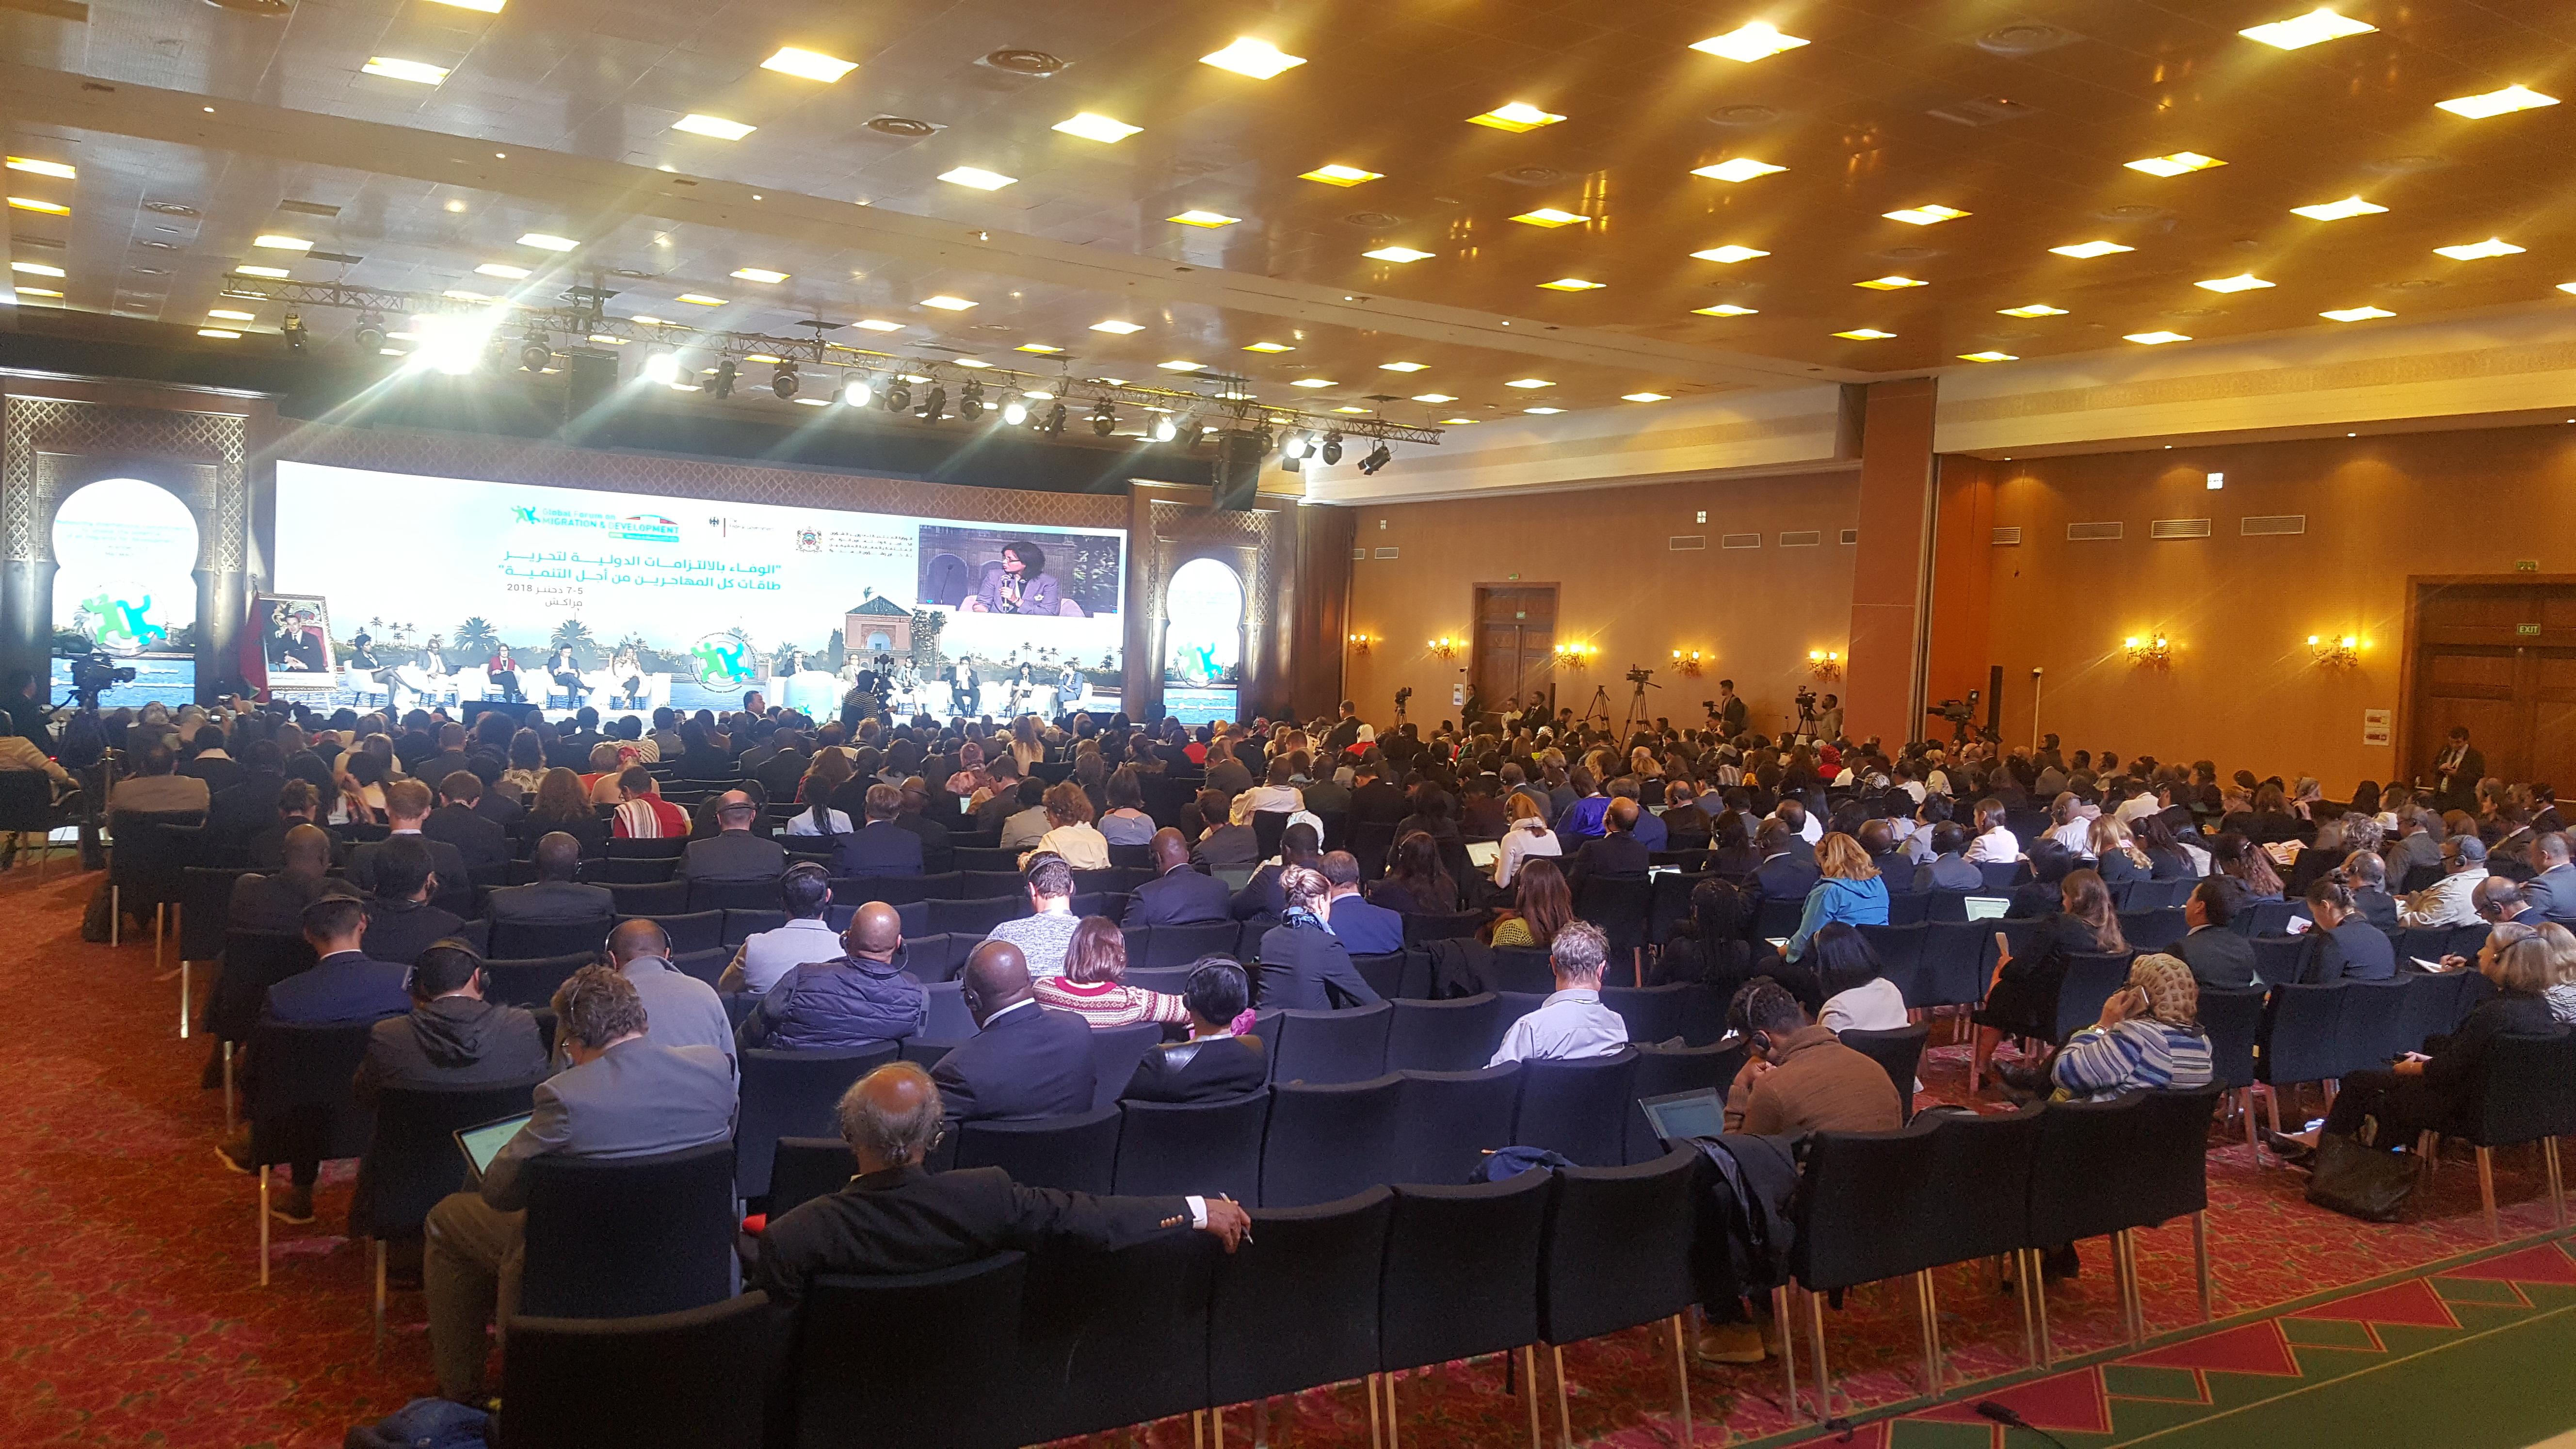 اختتام أشغال المنتدى العالمي من أجل الهجرة والتنمية بمراكش بعد تسليط الضوء على عدد من قضايا الساعة